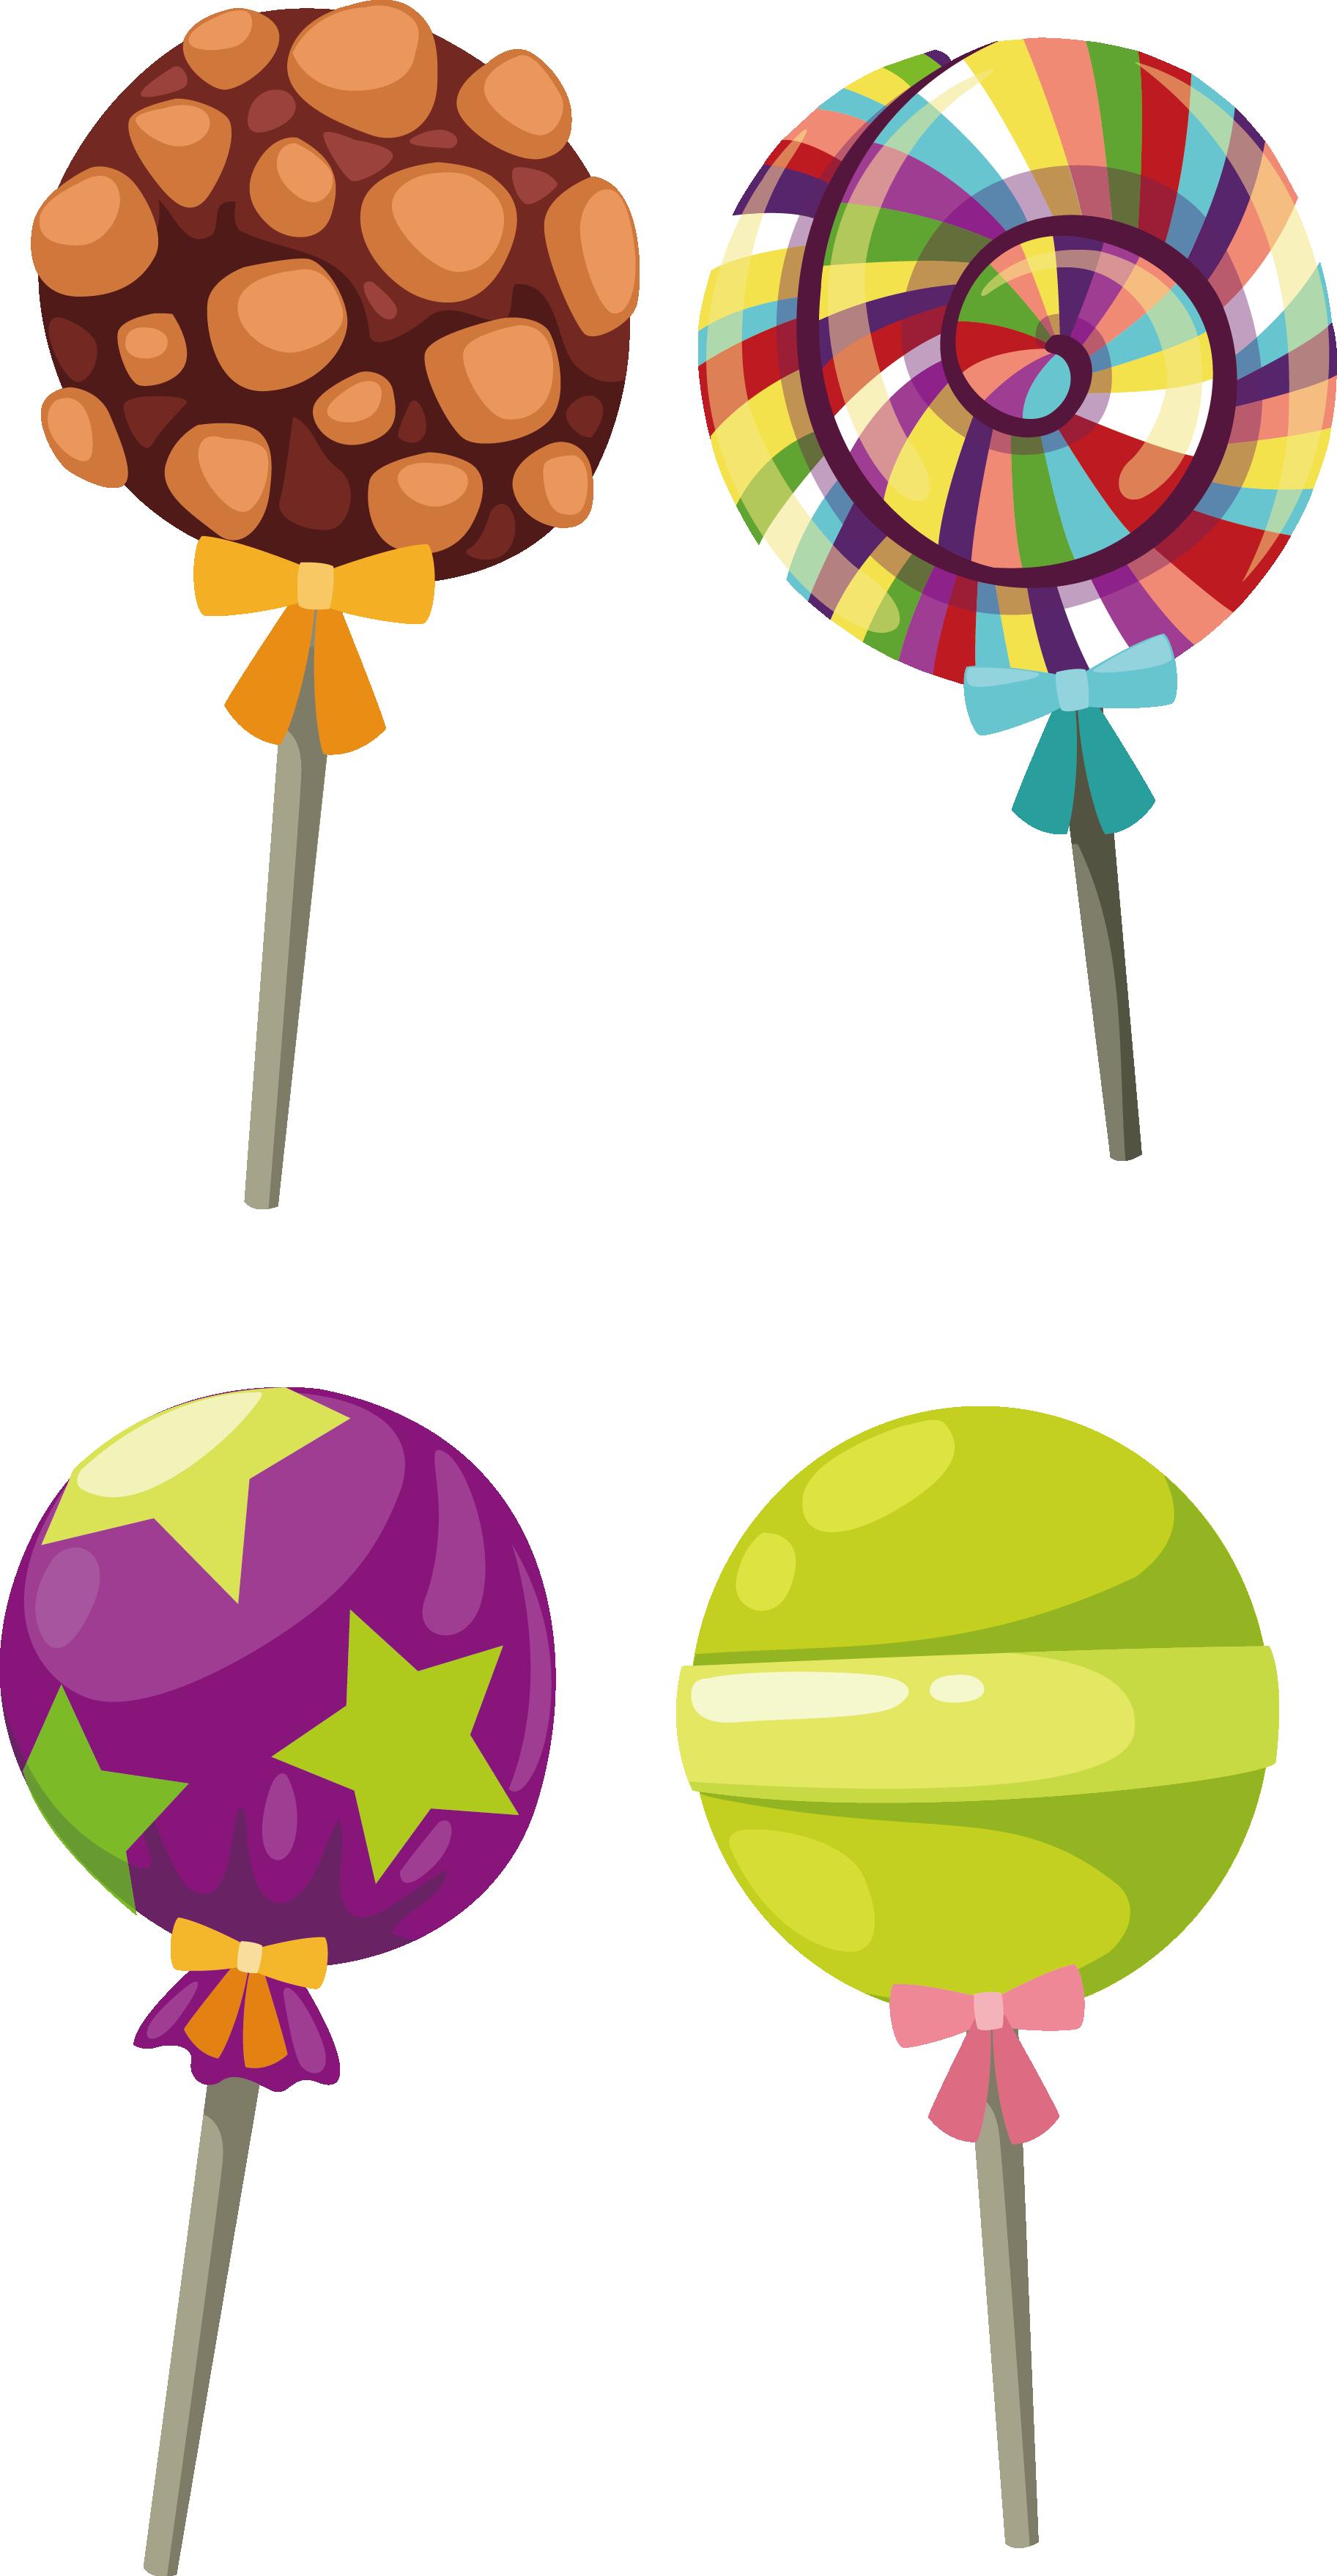 Lollipop clipart paletas. Stick candy dessert sweet